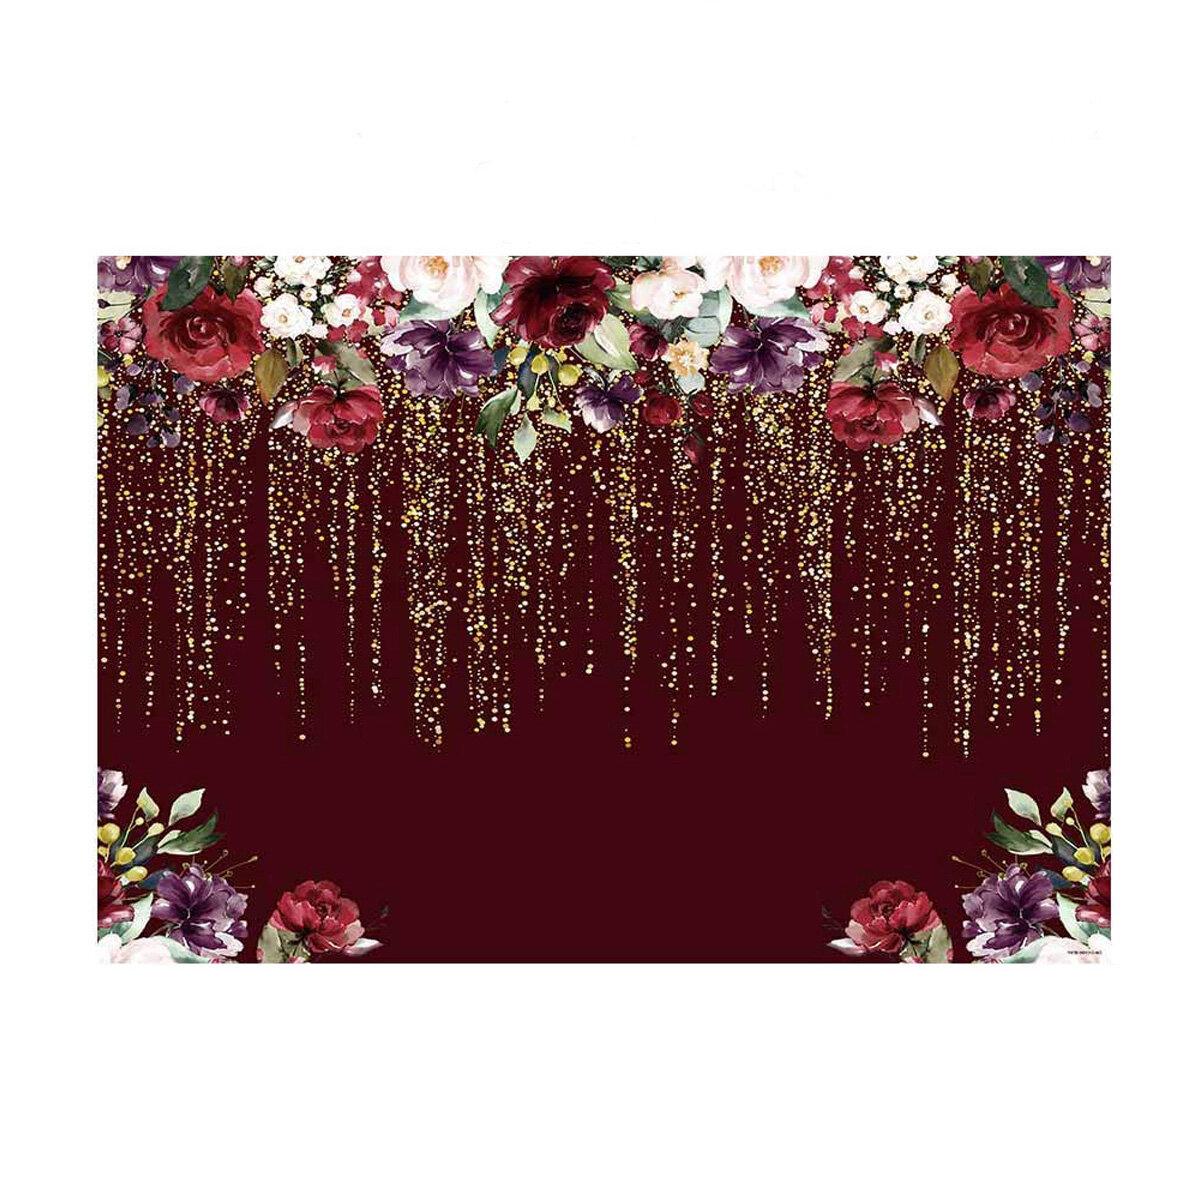 250 * 180 см фото фонов винил бордовый красные цветы фотография фон Soft ткань для новорожденного домашнего декора парти